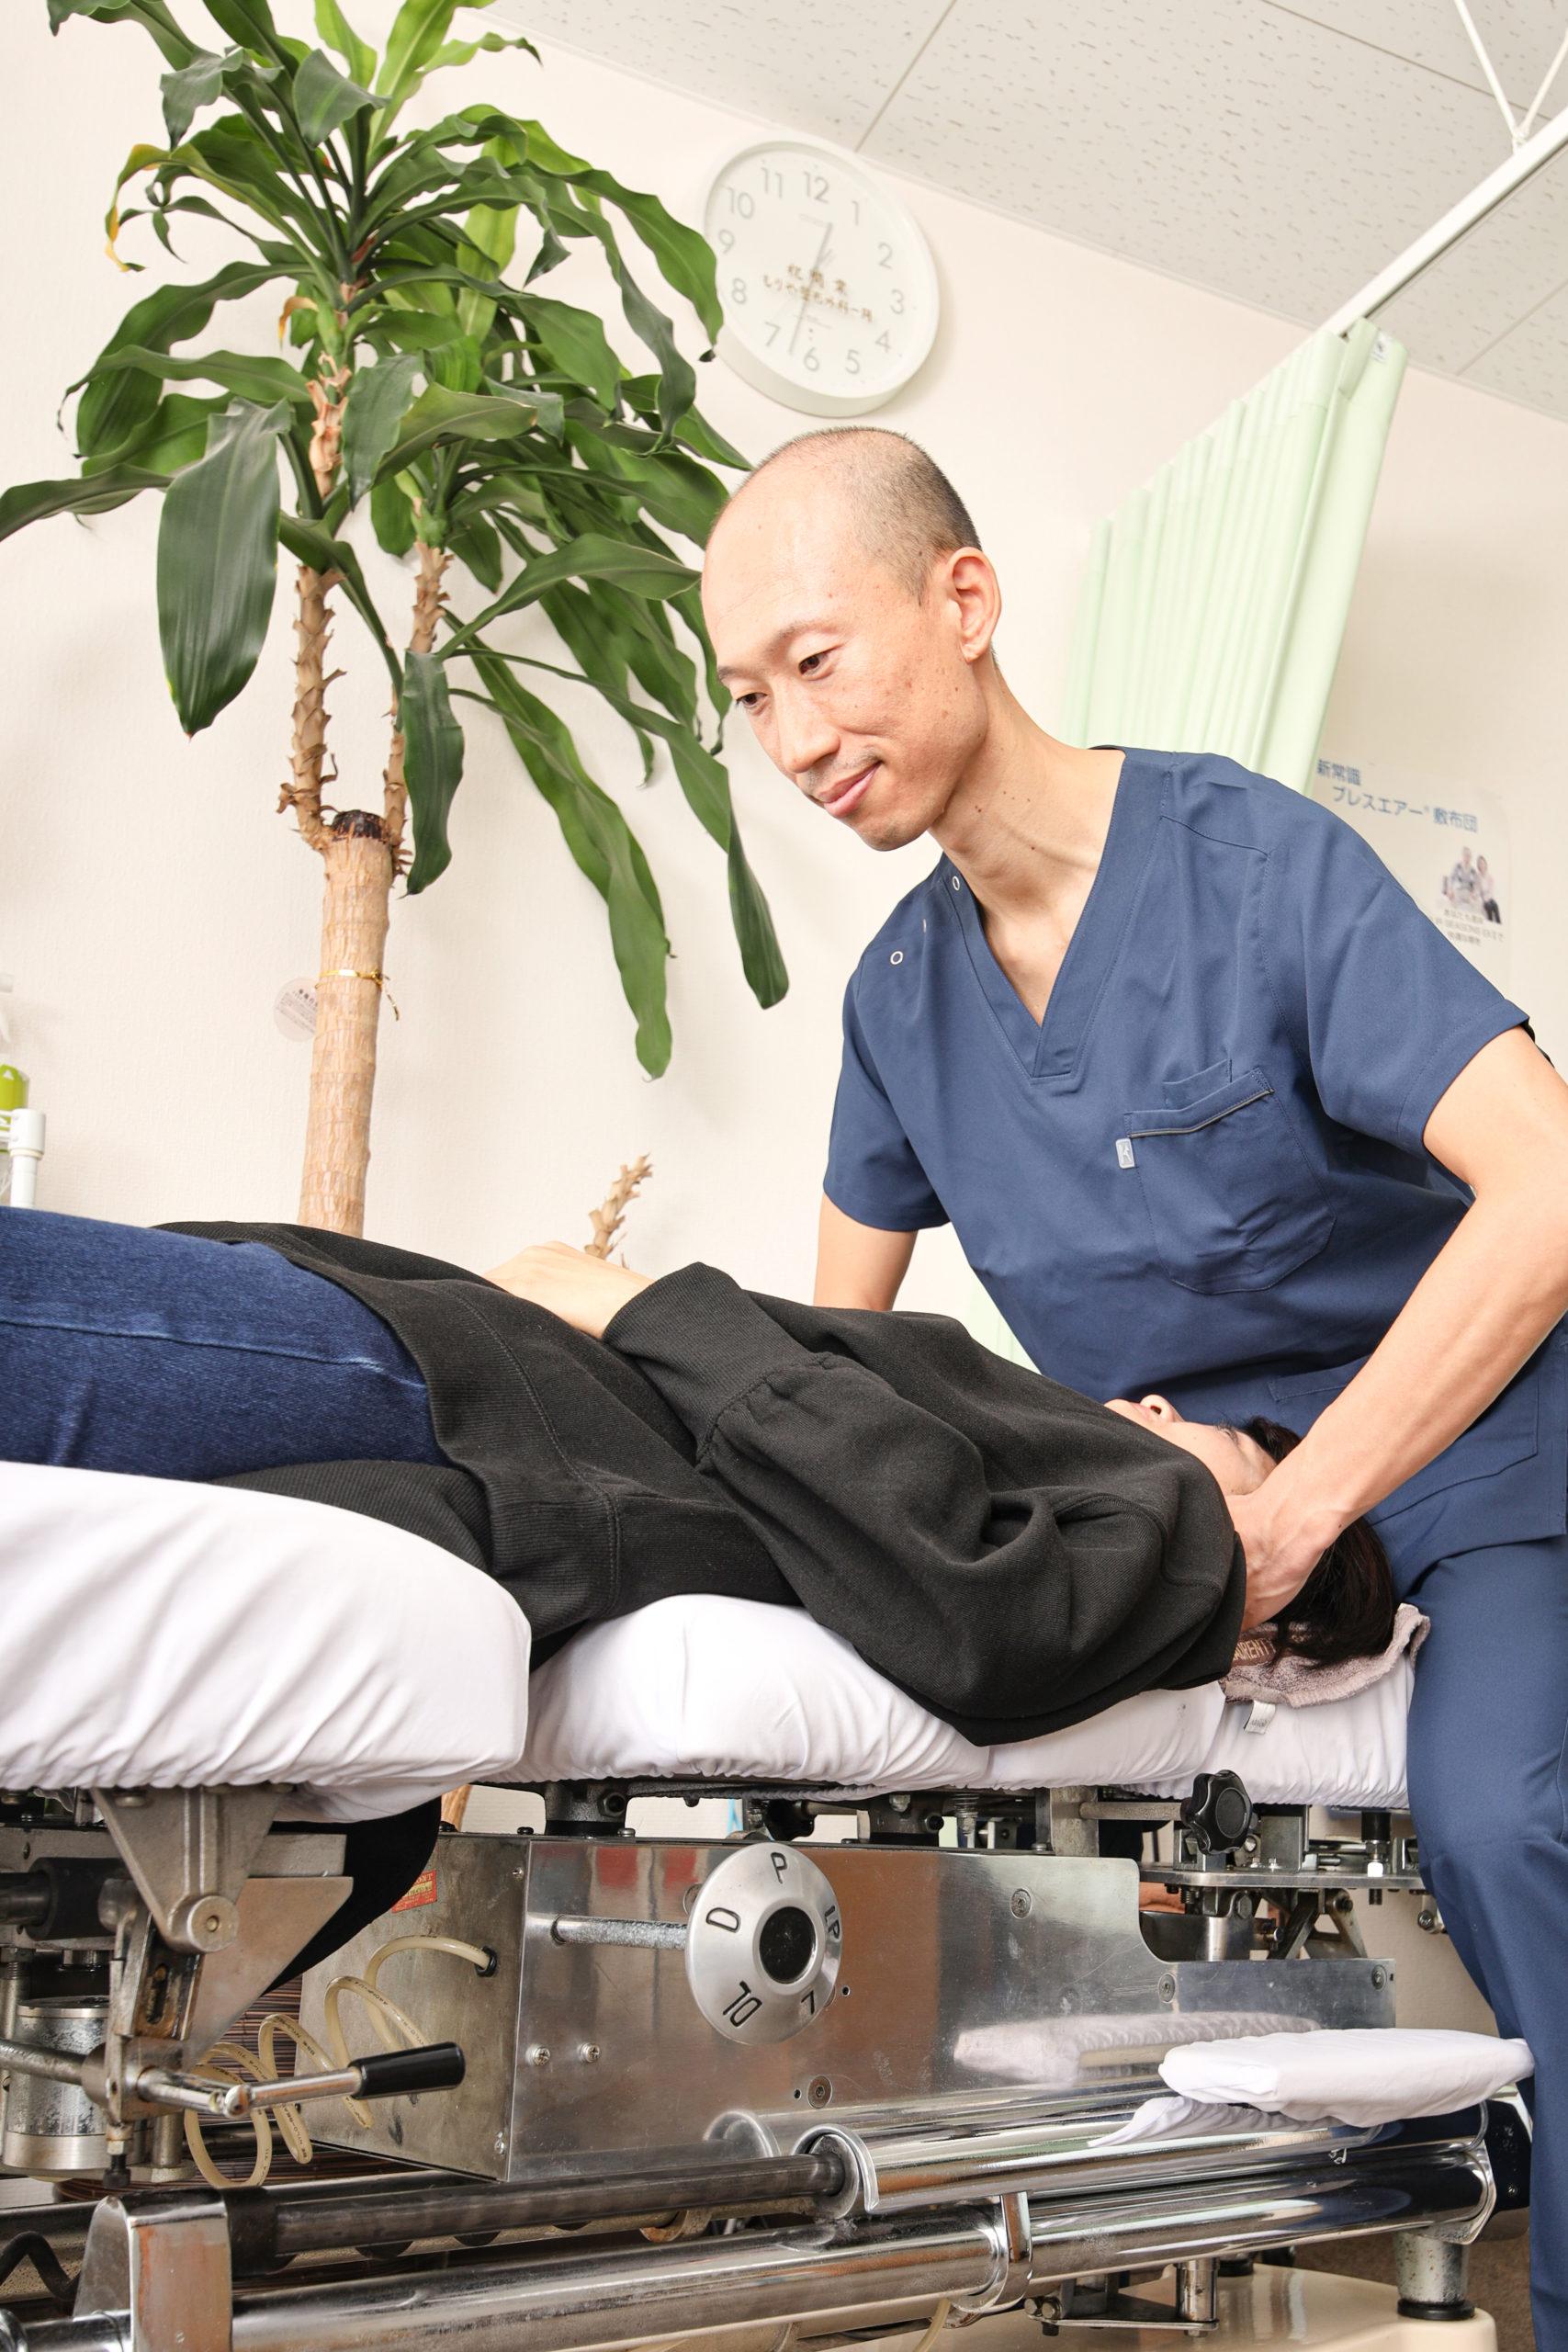 カイロプラクティック専用ベットであるトムソンベットで40代女性の首の骨を調整する院長